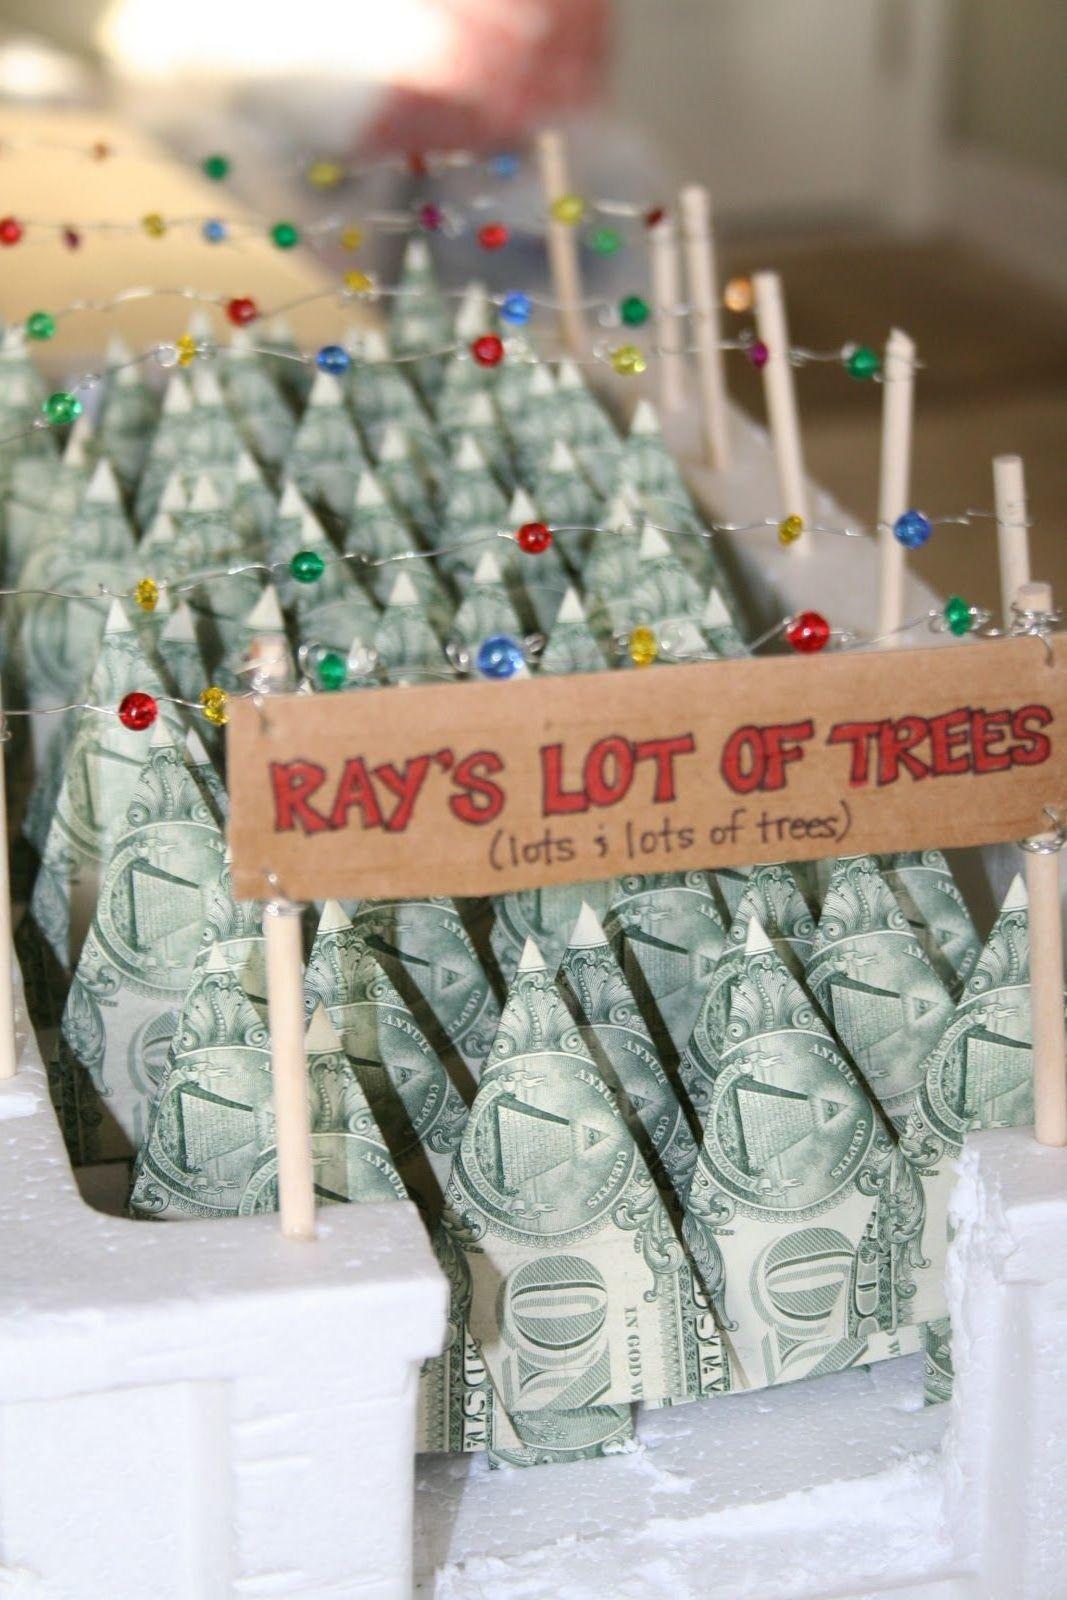 Haben Sie schon alle Geschenke gewählt? Geldgeschenke weihnachtlich verpacken ist immer eine attraktive Lösung